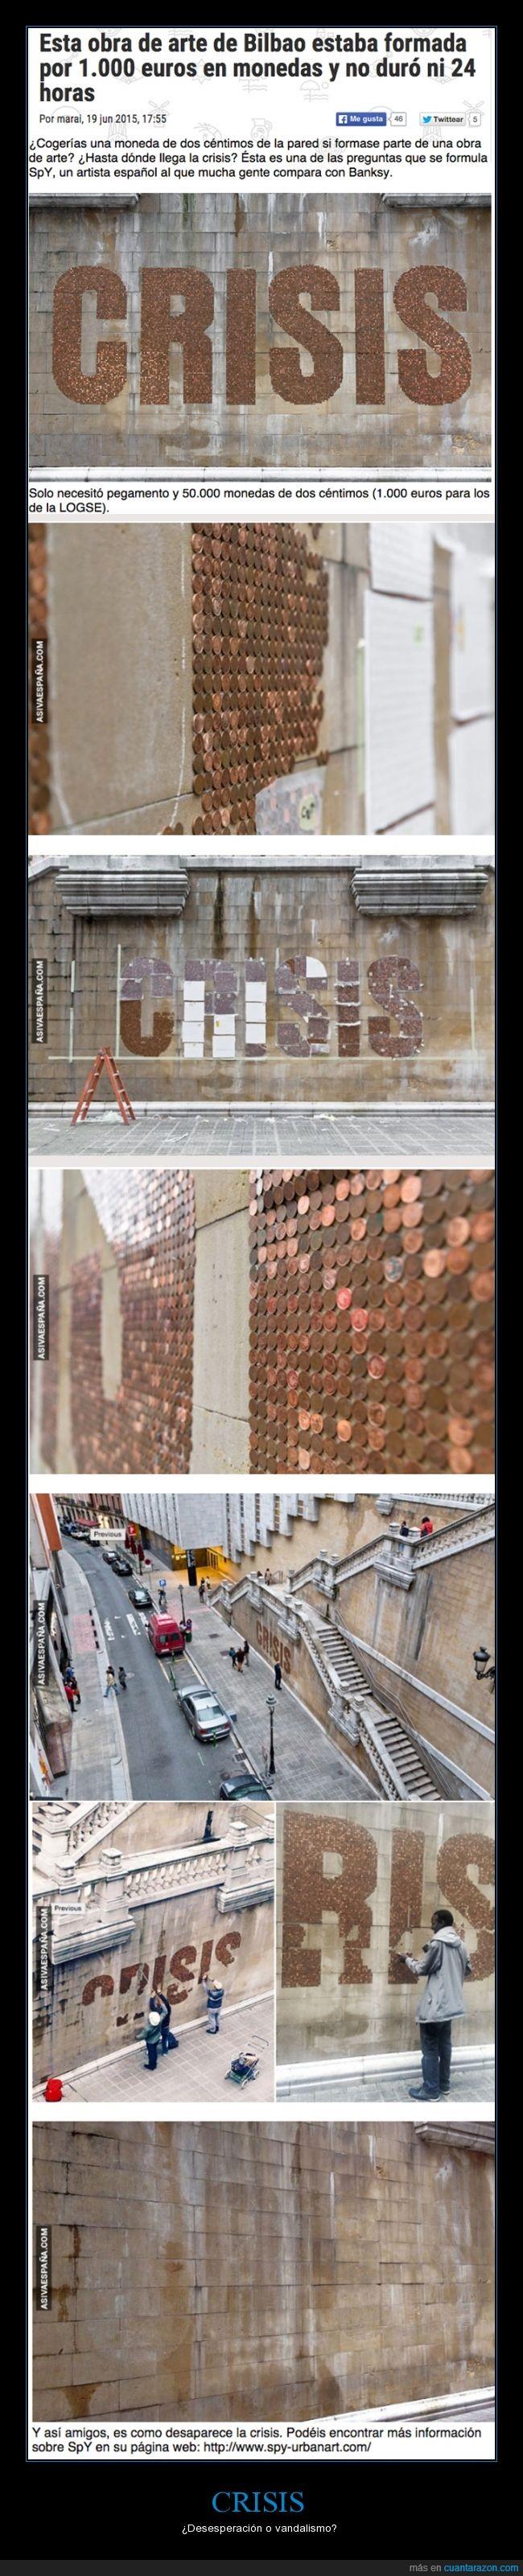 céntimo,crisis,españa,gente,monedas,obra de arte,pared